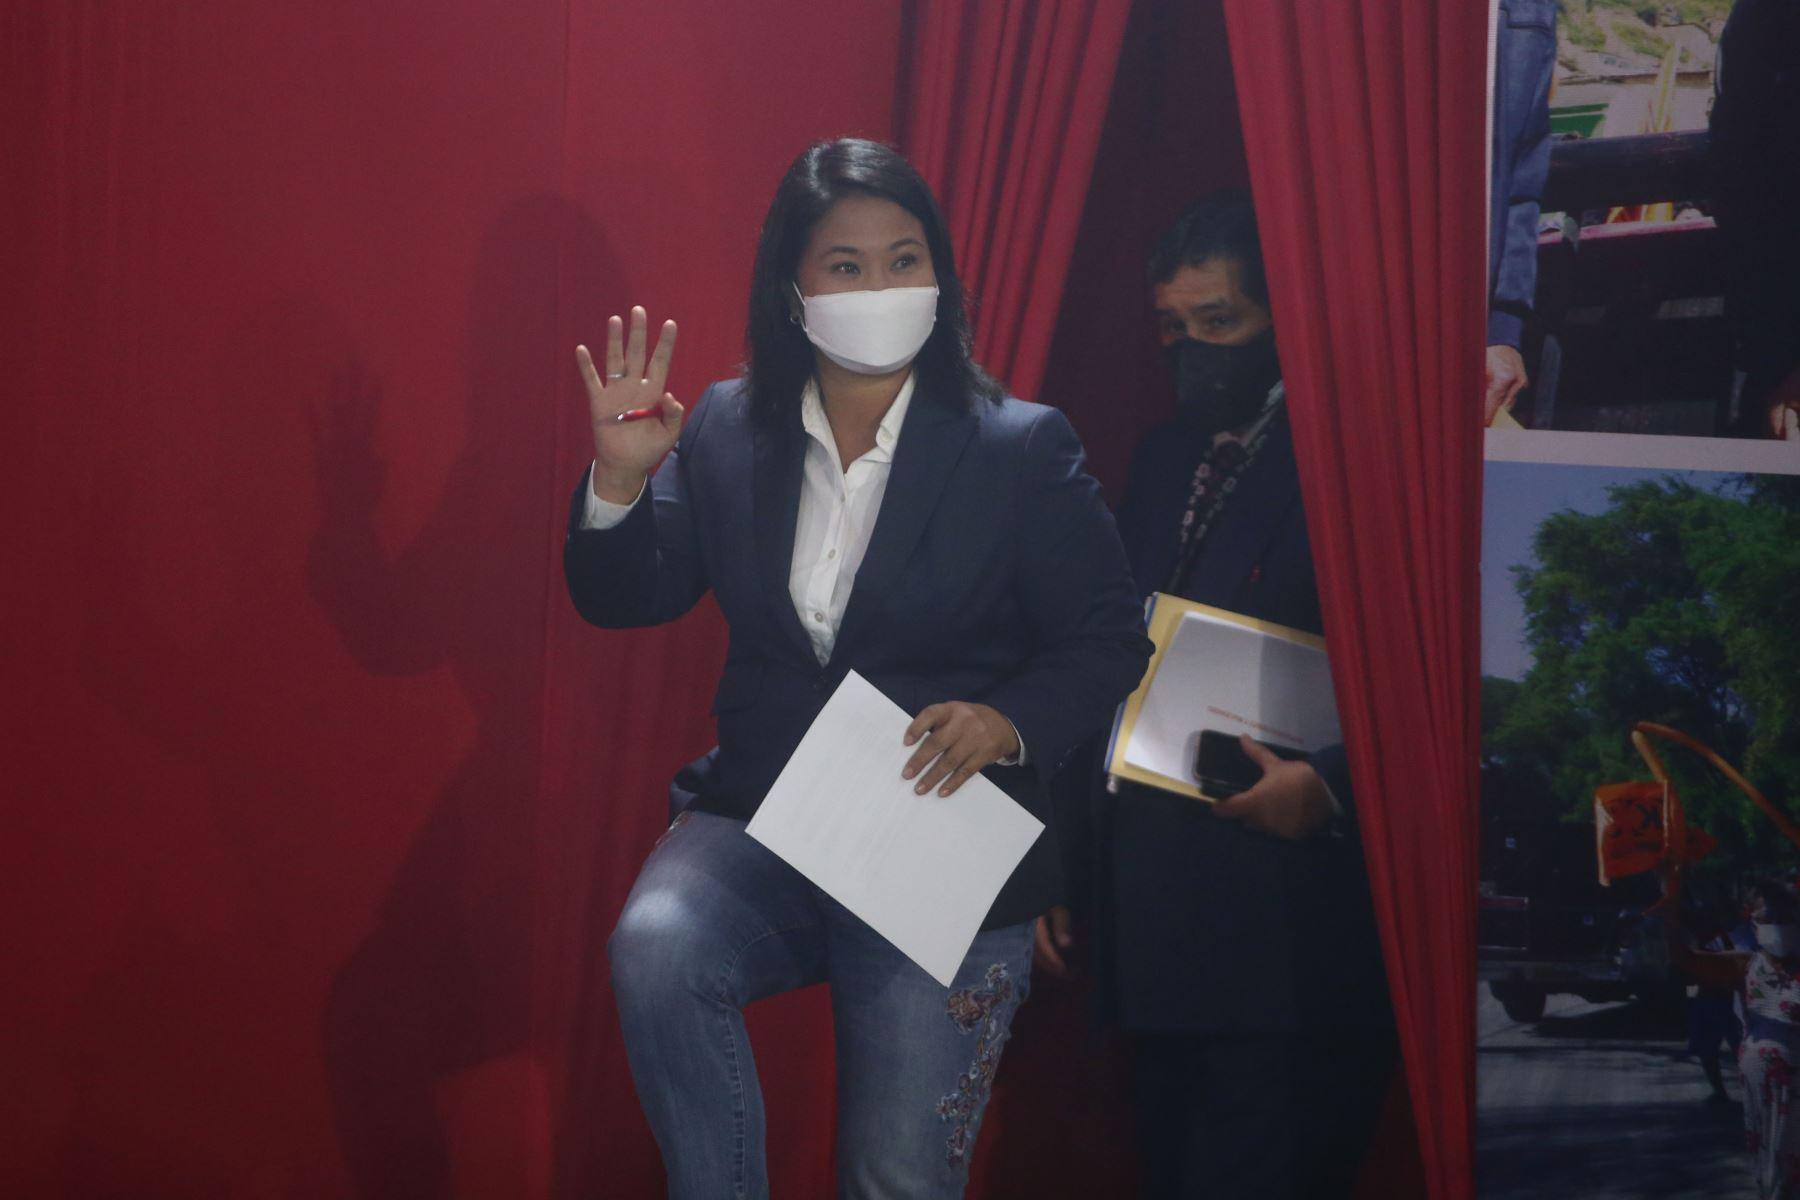 Conferencia de prensa de la candidata presidencial de Fuerza Popular, Keiko Fujimori en su local partidario donde se anuncia que presentará recursos de nulidad para 802 actas. Foto: ANDINA/Vidal Tarqui